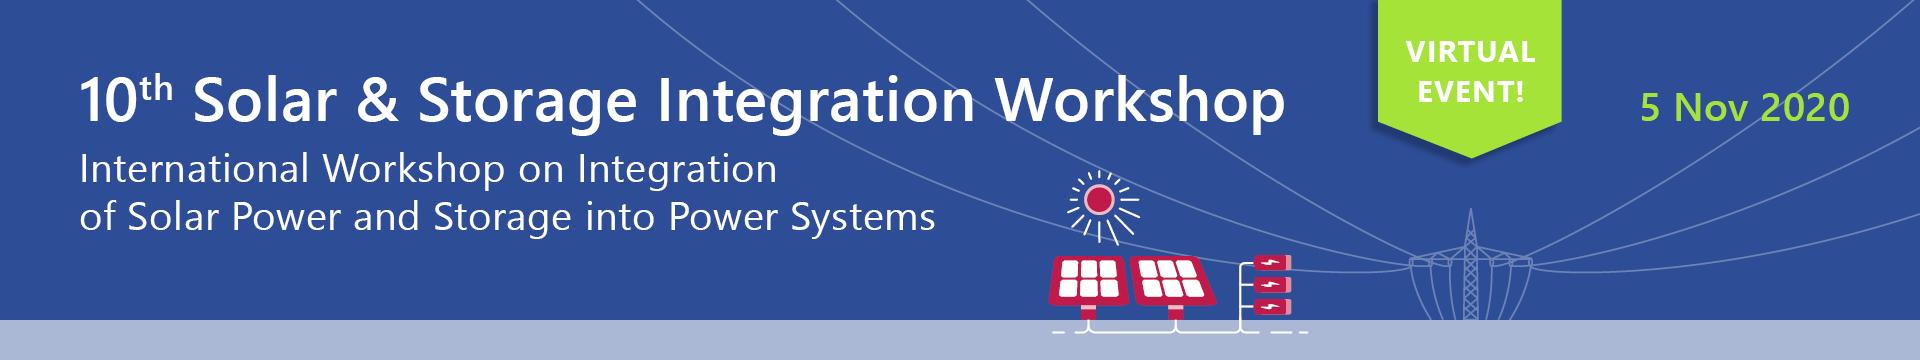 Solar & Storage Integration Workshop